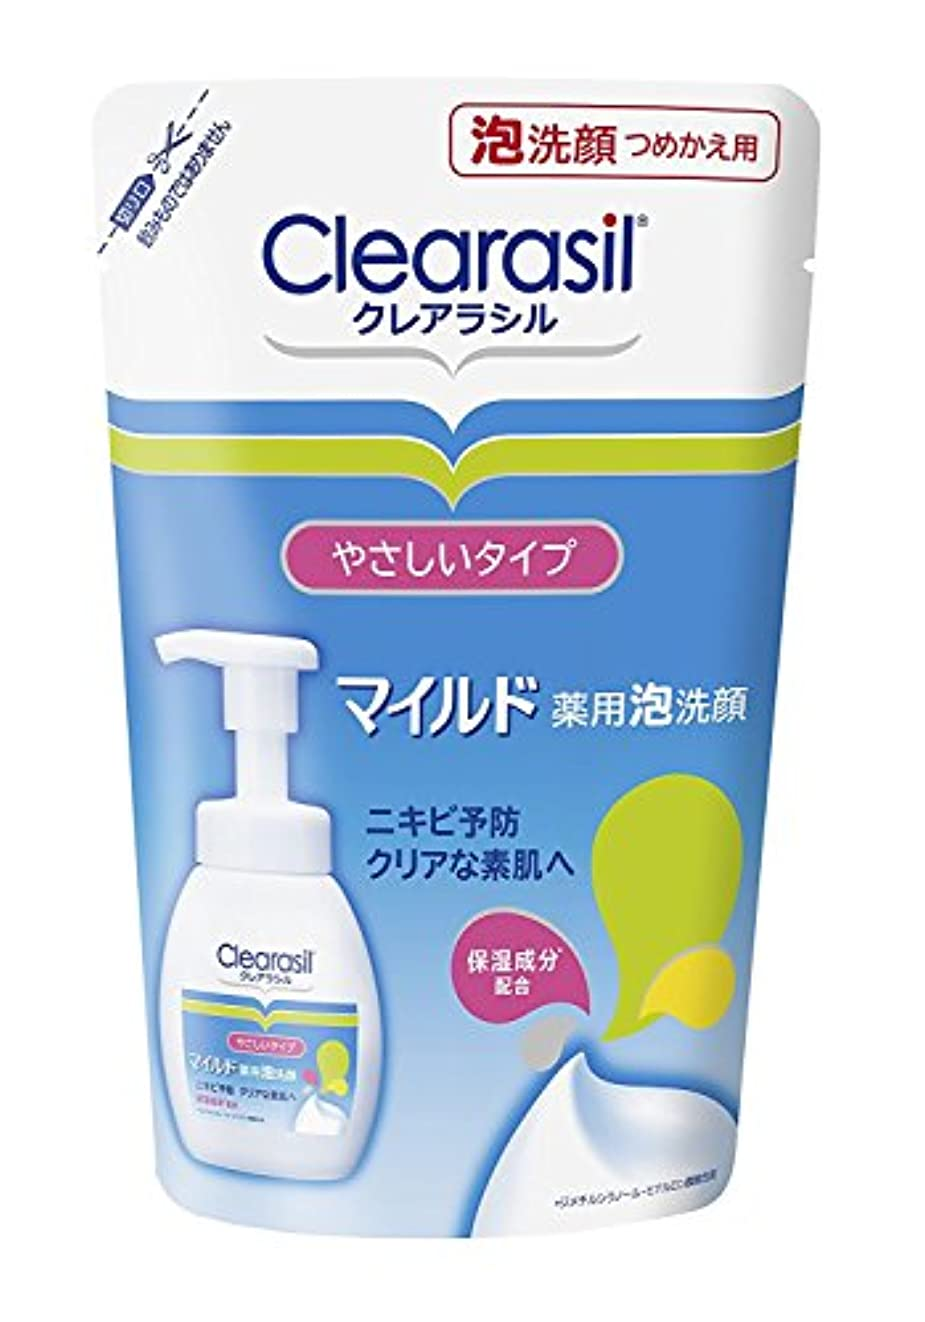 吹雪ドナー最大【clearasil】クレアラシル 薬用泡洗顔フォーム(マイルドタイプ) つめかえ用 (180ml) ×20個セット